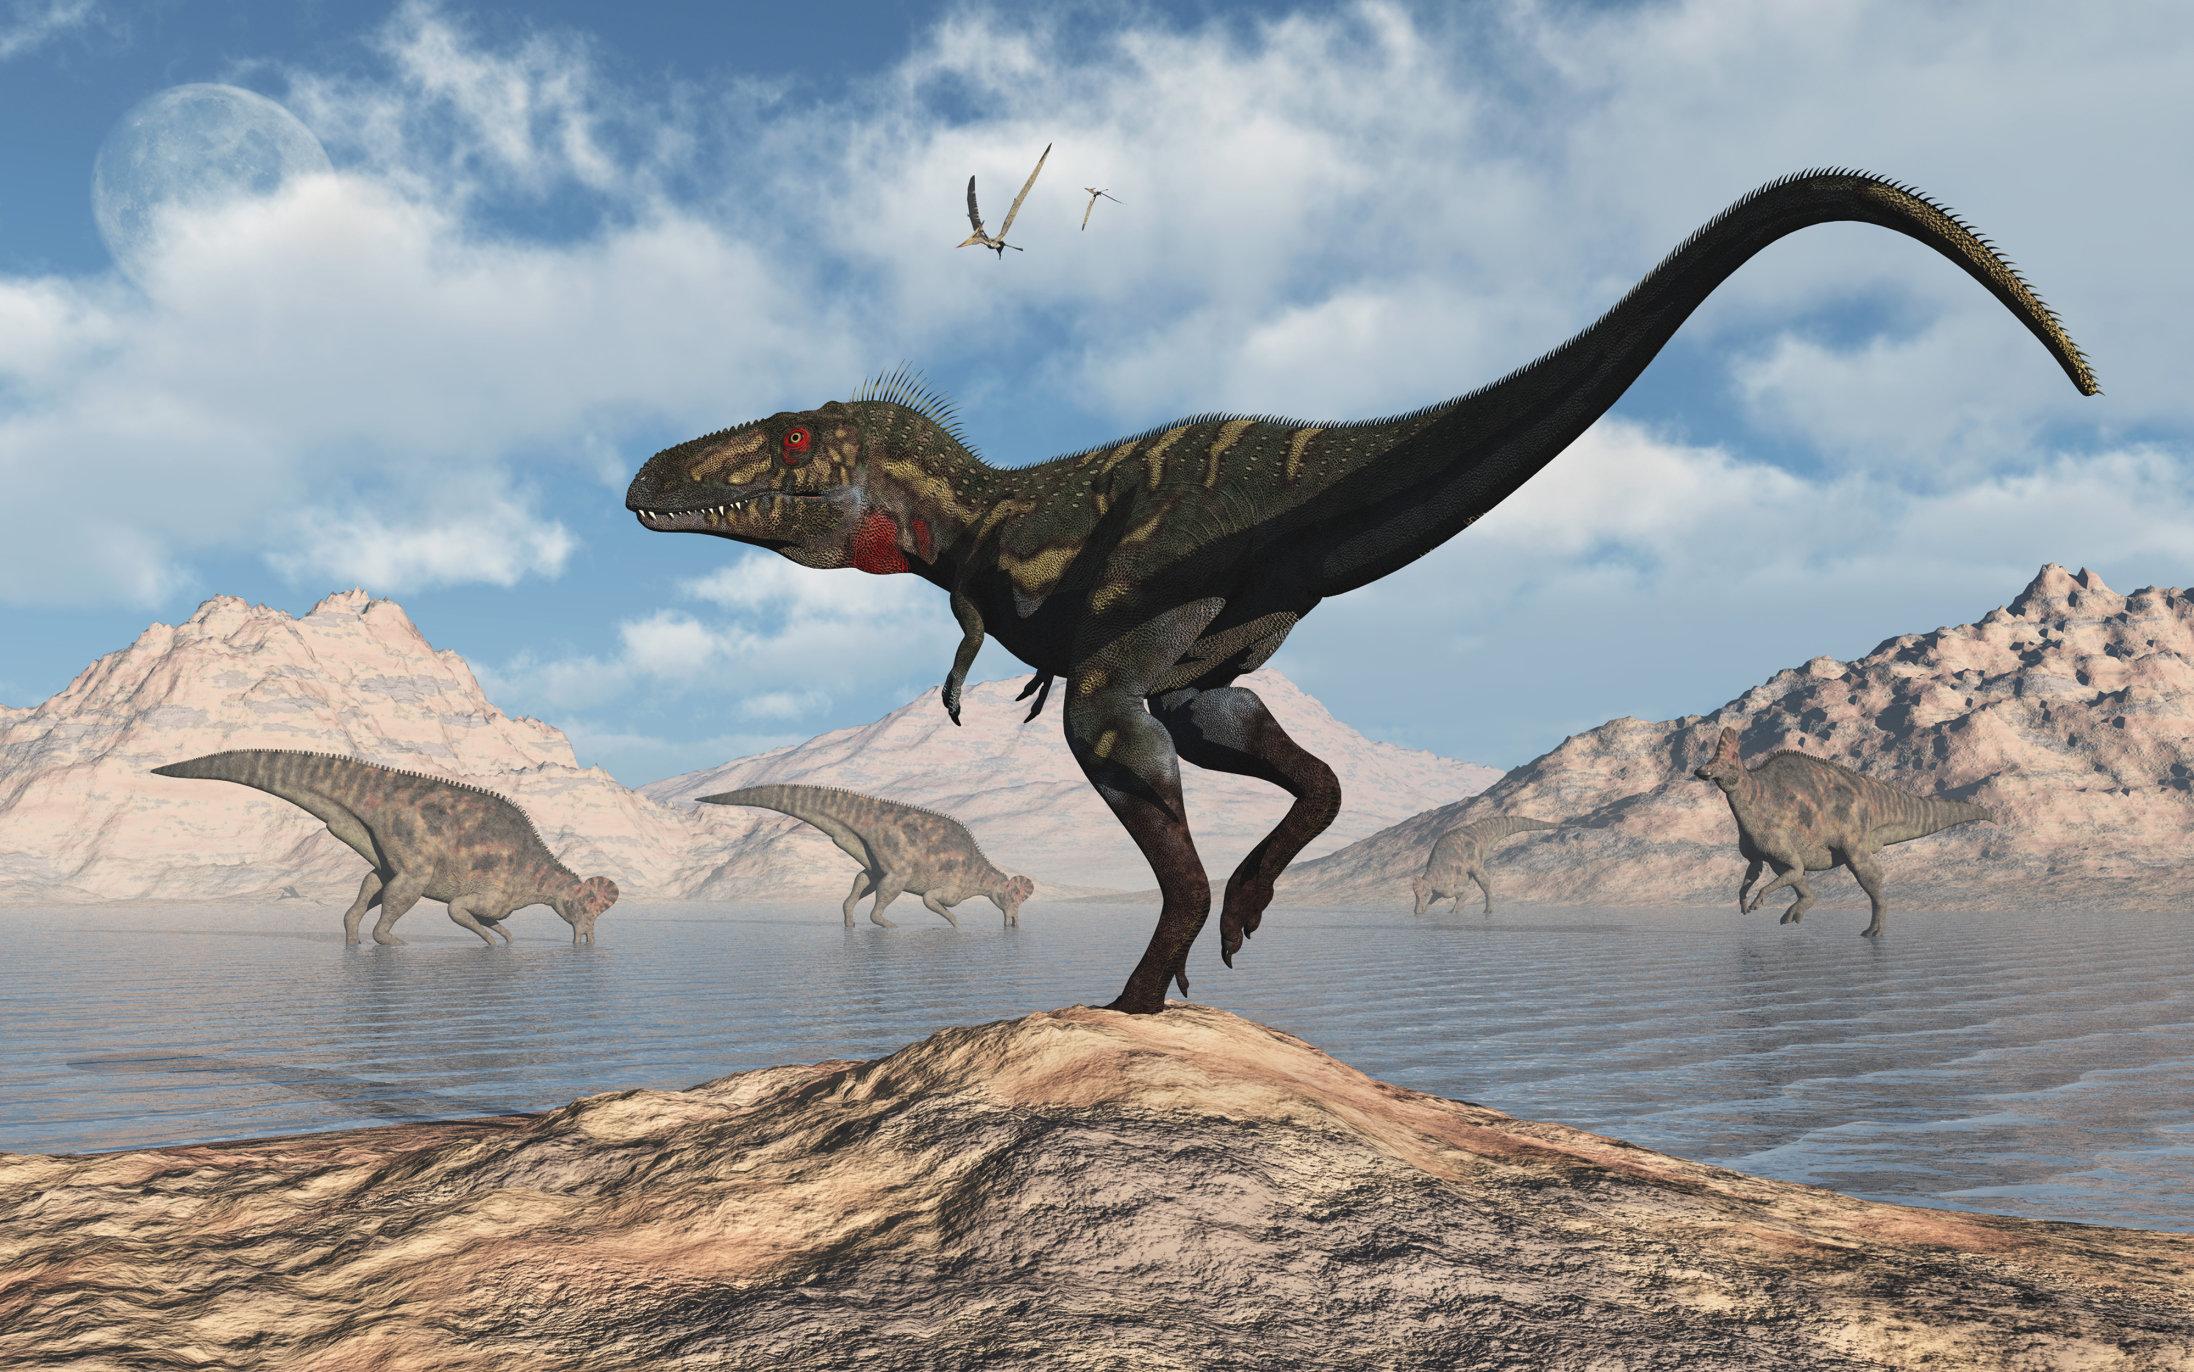 An illustration of aNanotyrannus stalking a herd of Corythosaurus dinosaurs.